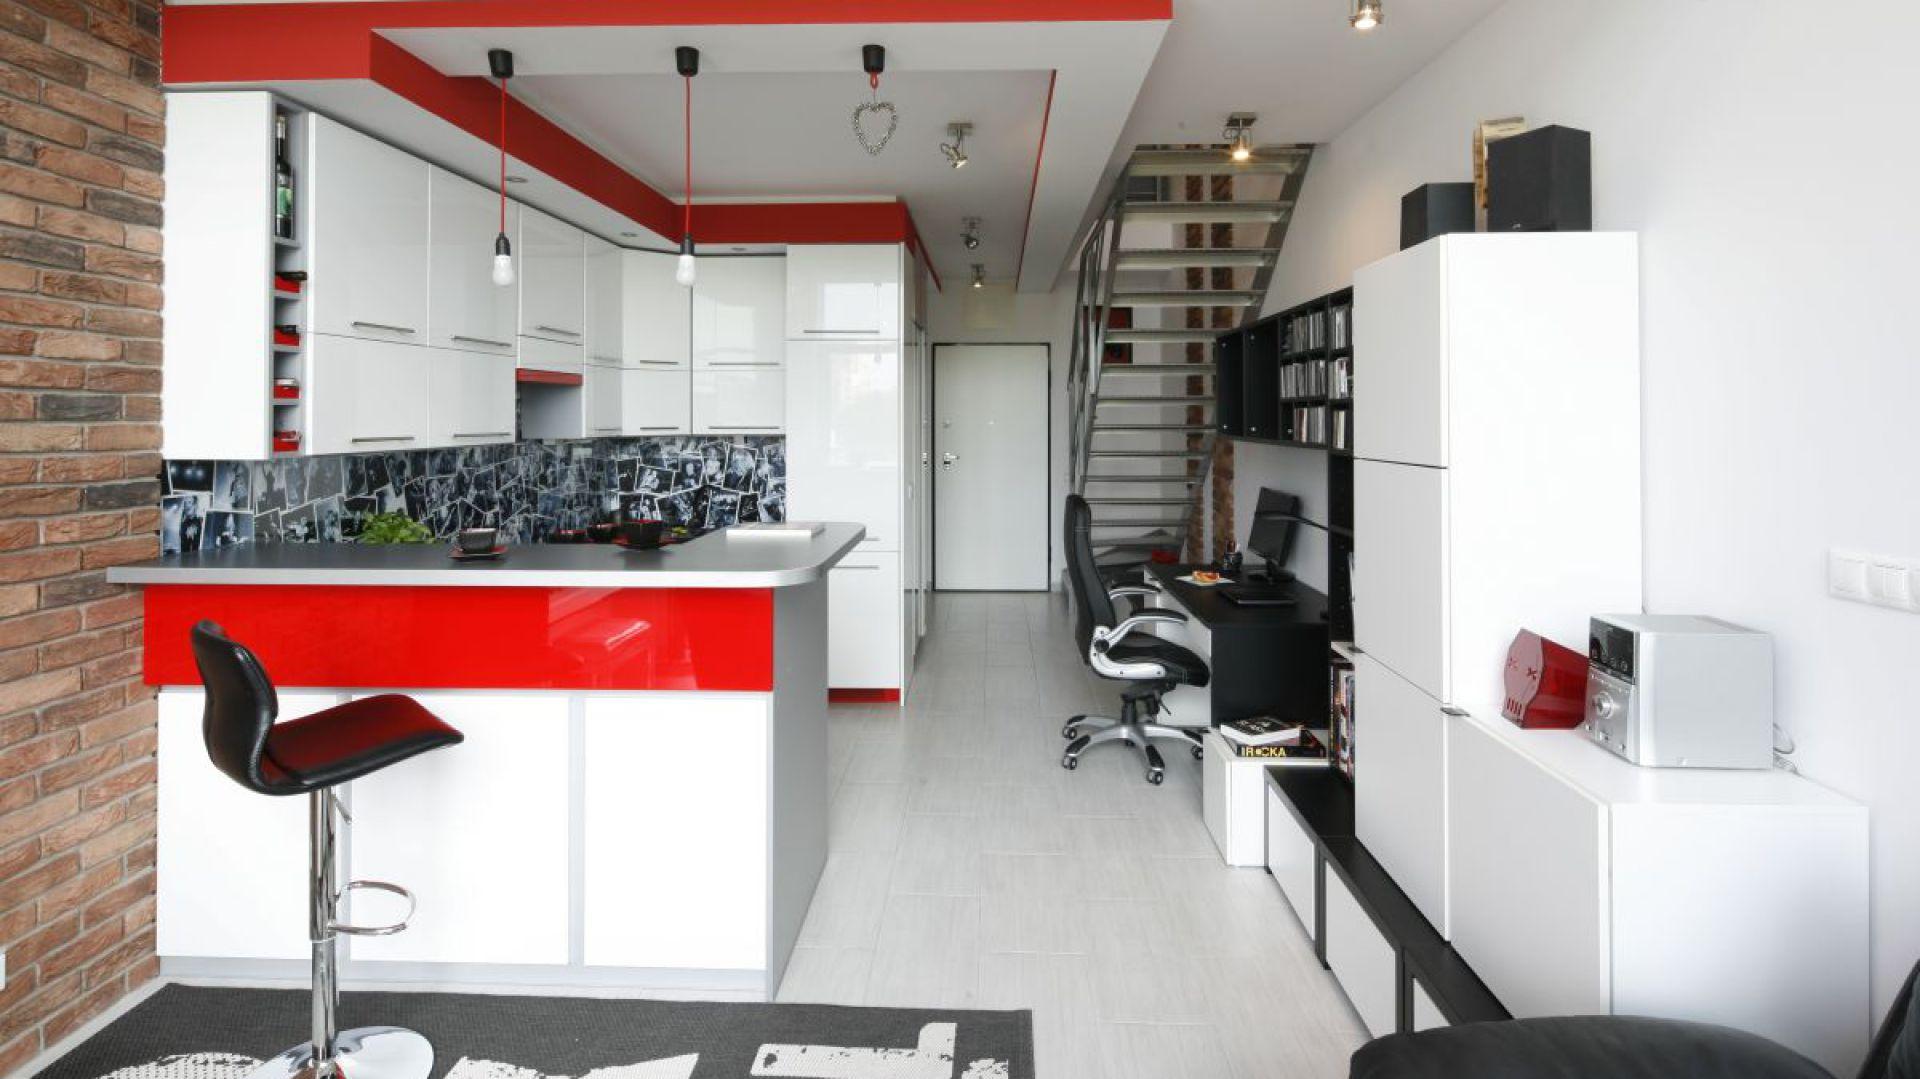 Czasami brakuje nam pomysłu na zagospodarowanie przestrzeni pod schodami. Tu urządzono praktyczne miejsce do pracy. Projekt: Monika Olejnik. Fot. Bartosz Jarosz